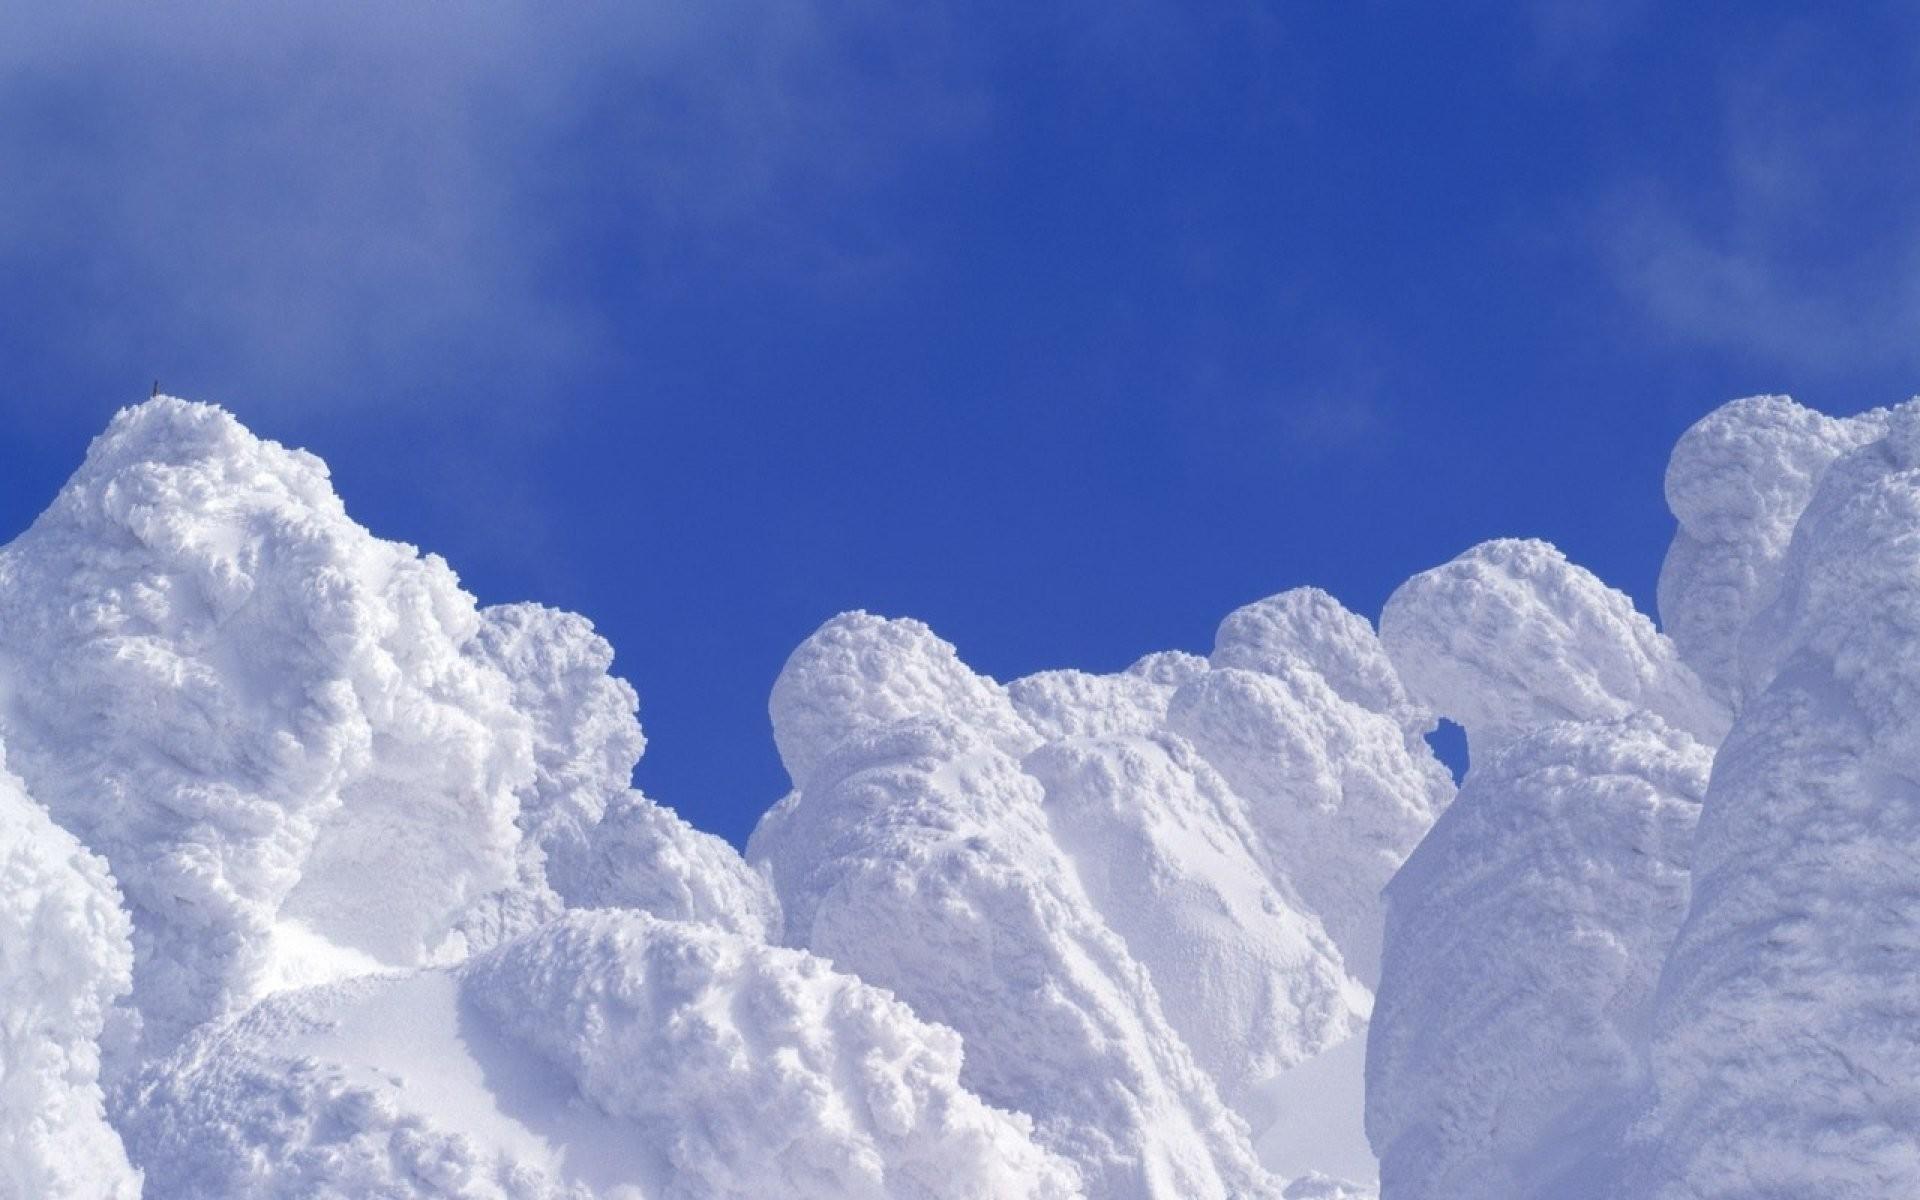 Snow Scenes 540960